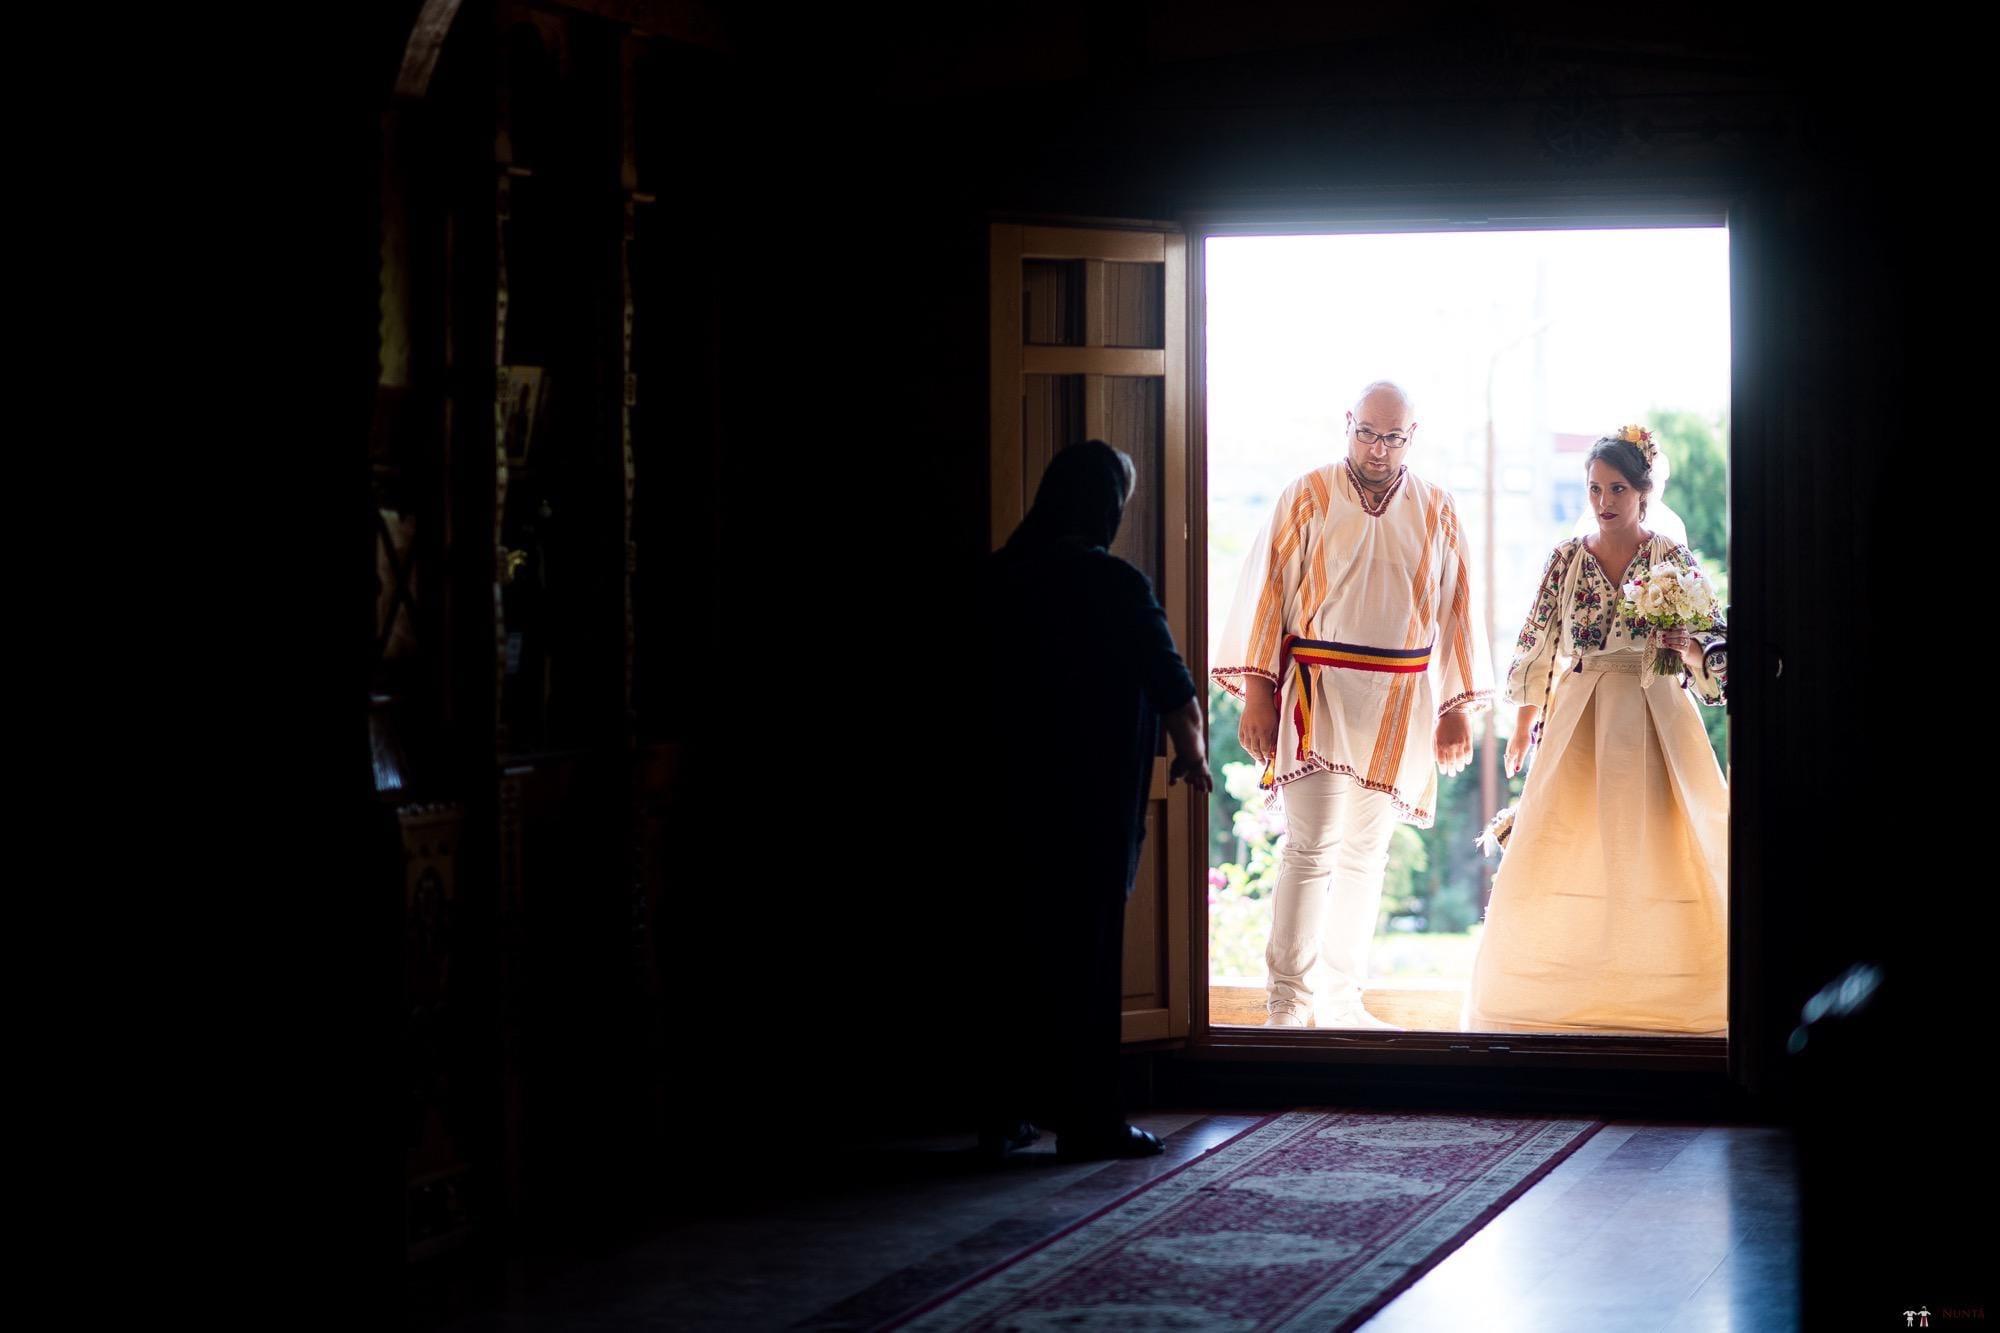 Povești Nunți Tradiționale - Ioana și Andrei. Nuntă tradițională în București. 14